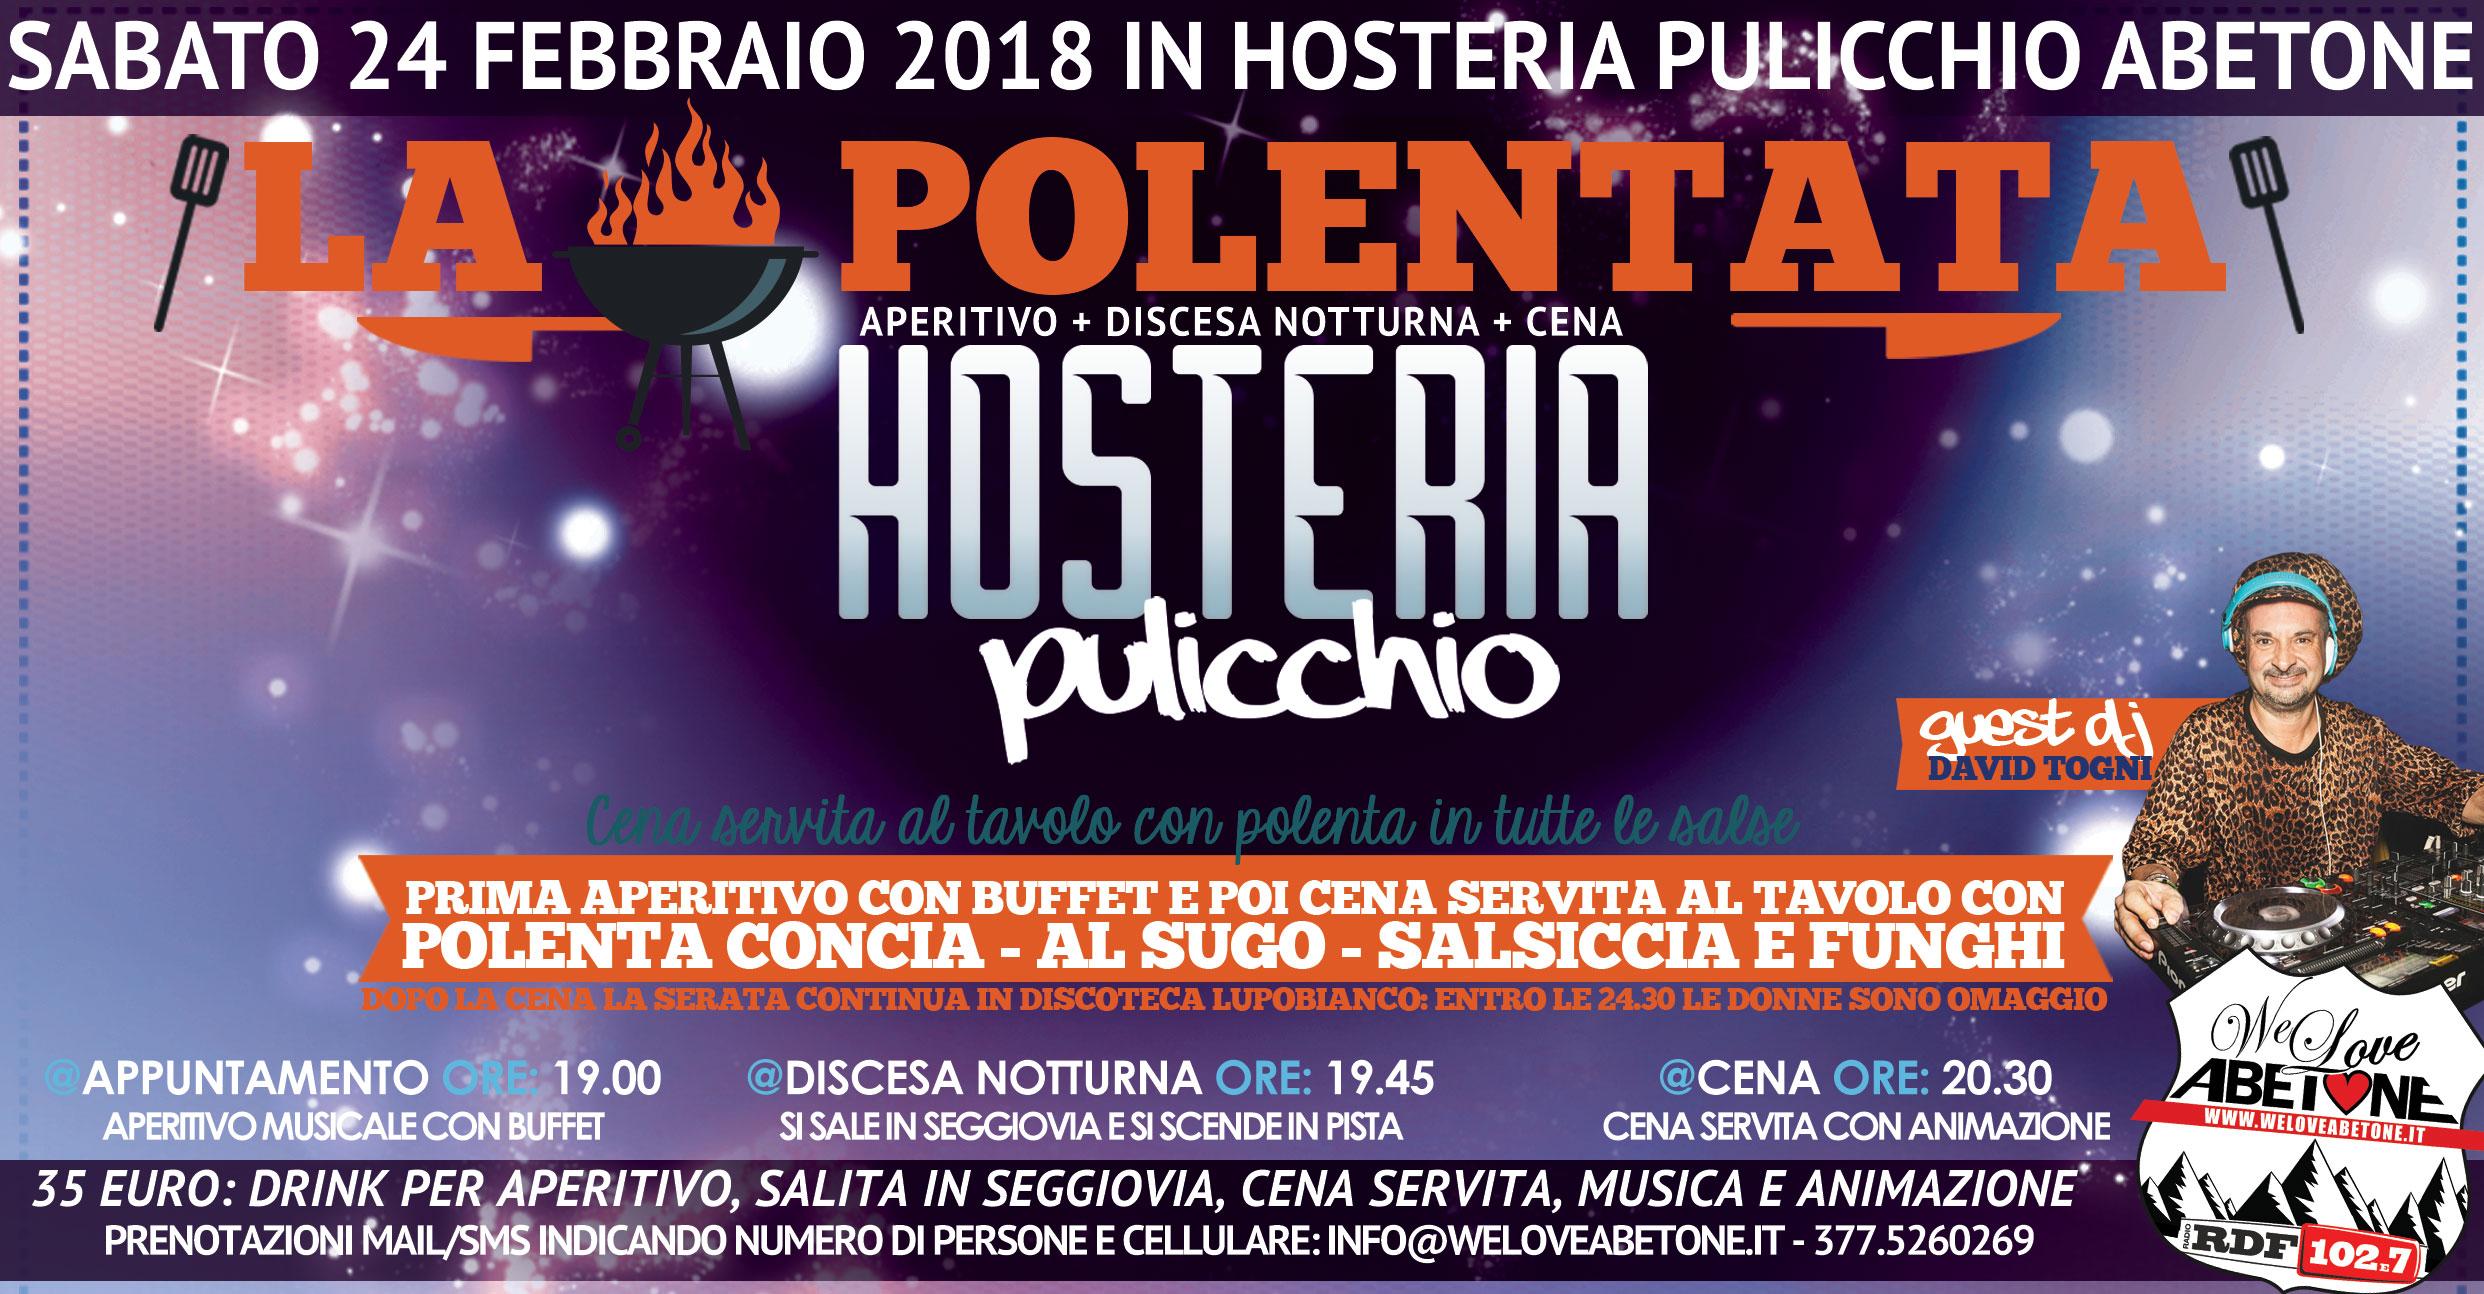 hosteria pulicchio abetone polentata 24 febbraio 2018